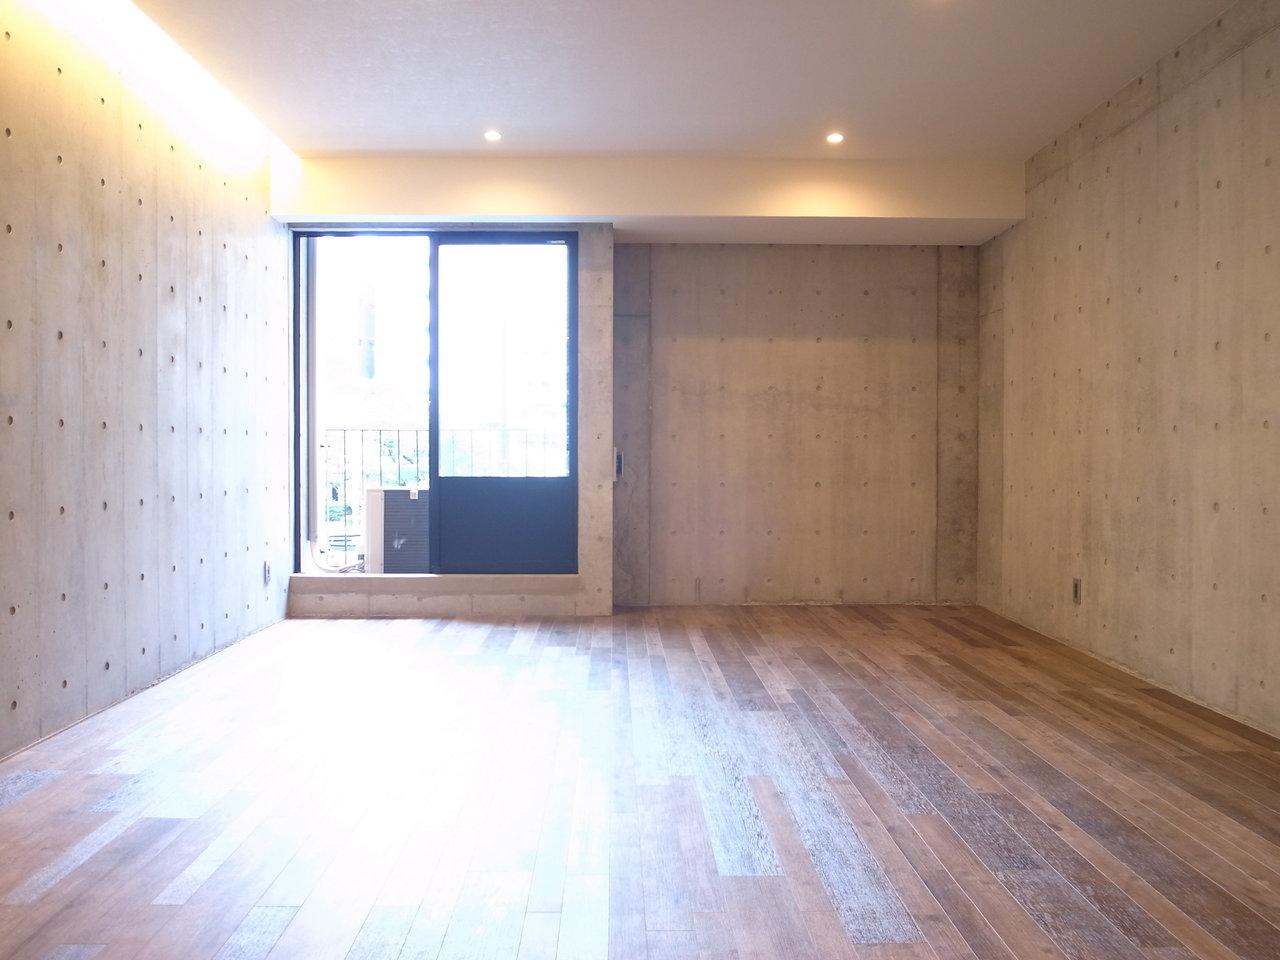 18畳超えの広々リビングをどう仕切るかは、あなた次第。導線や使い心地を考え、自由にアレンジしてみてください。